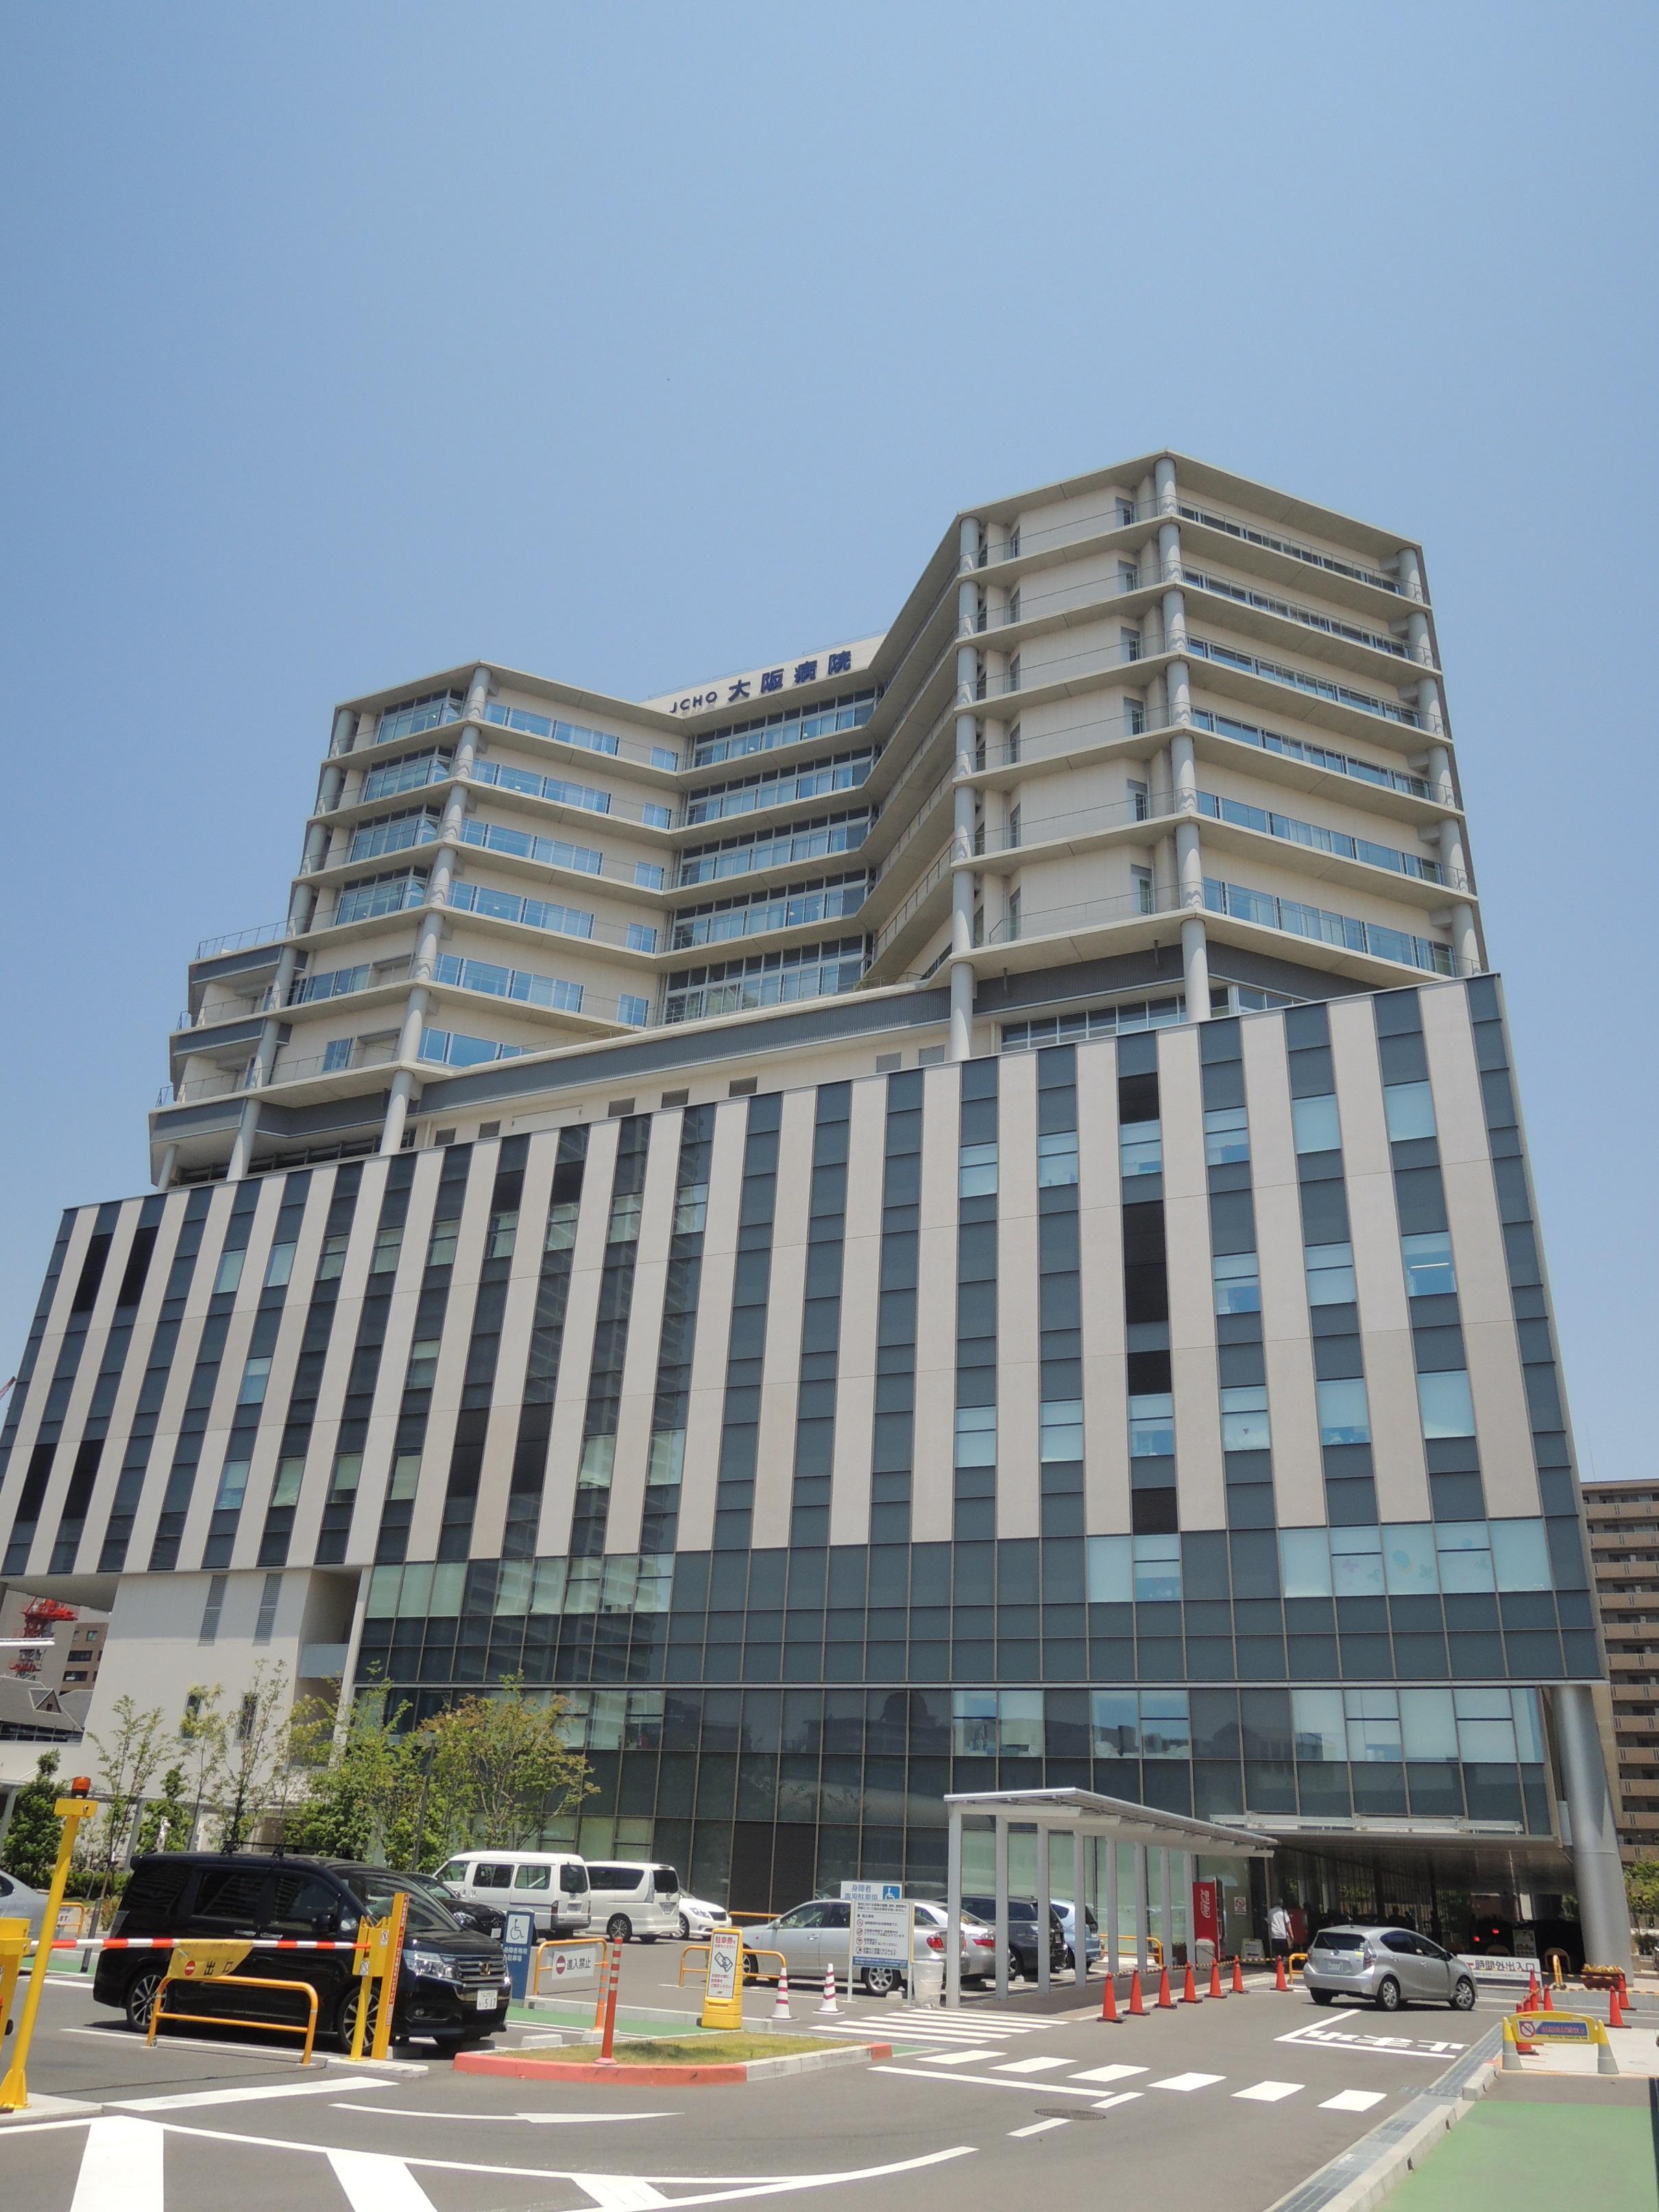 Jcho 大阪 病院 地域医療機能推進機構大阪病院 - Wikipedia